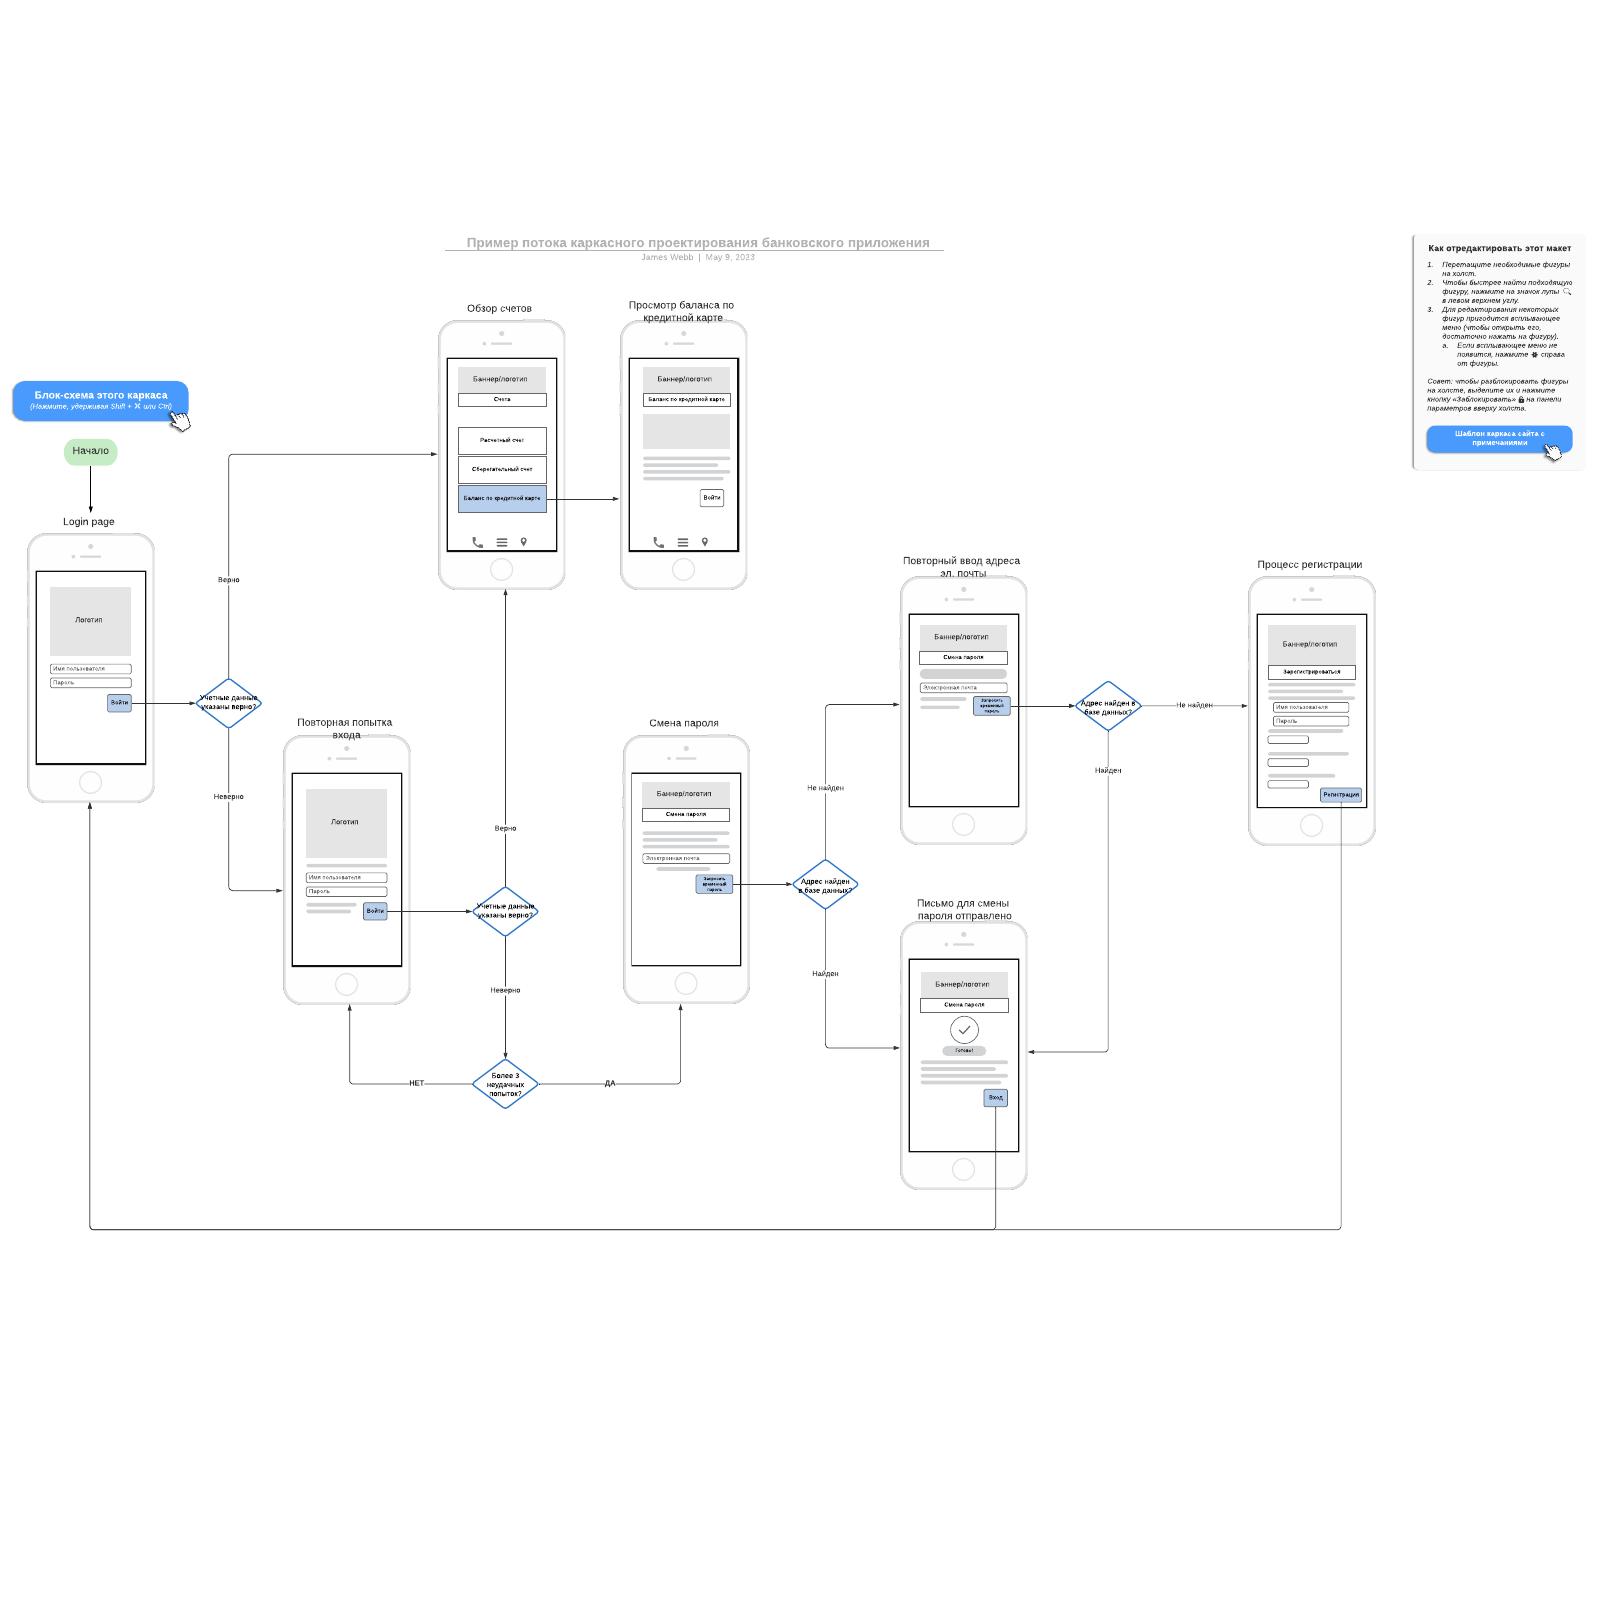 Пример потока каркасного проектирования банковского приложения